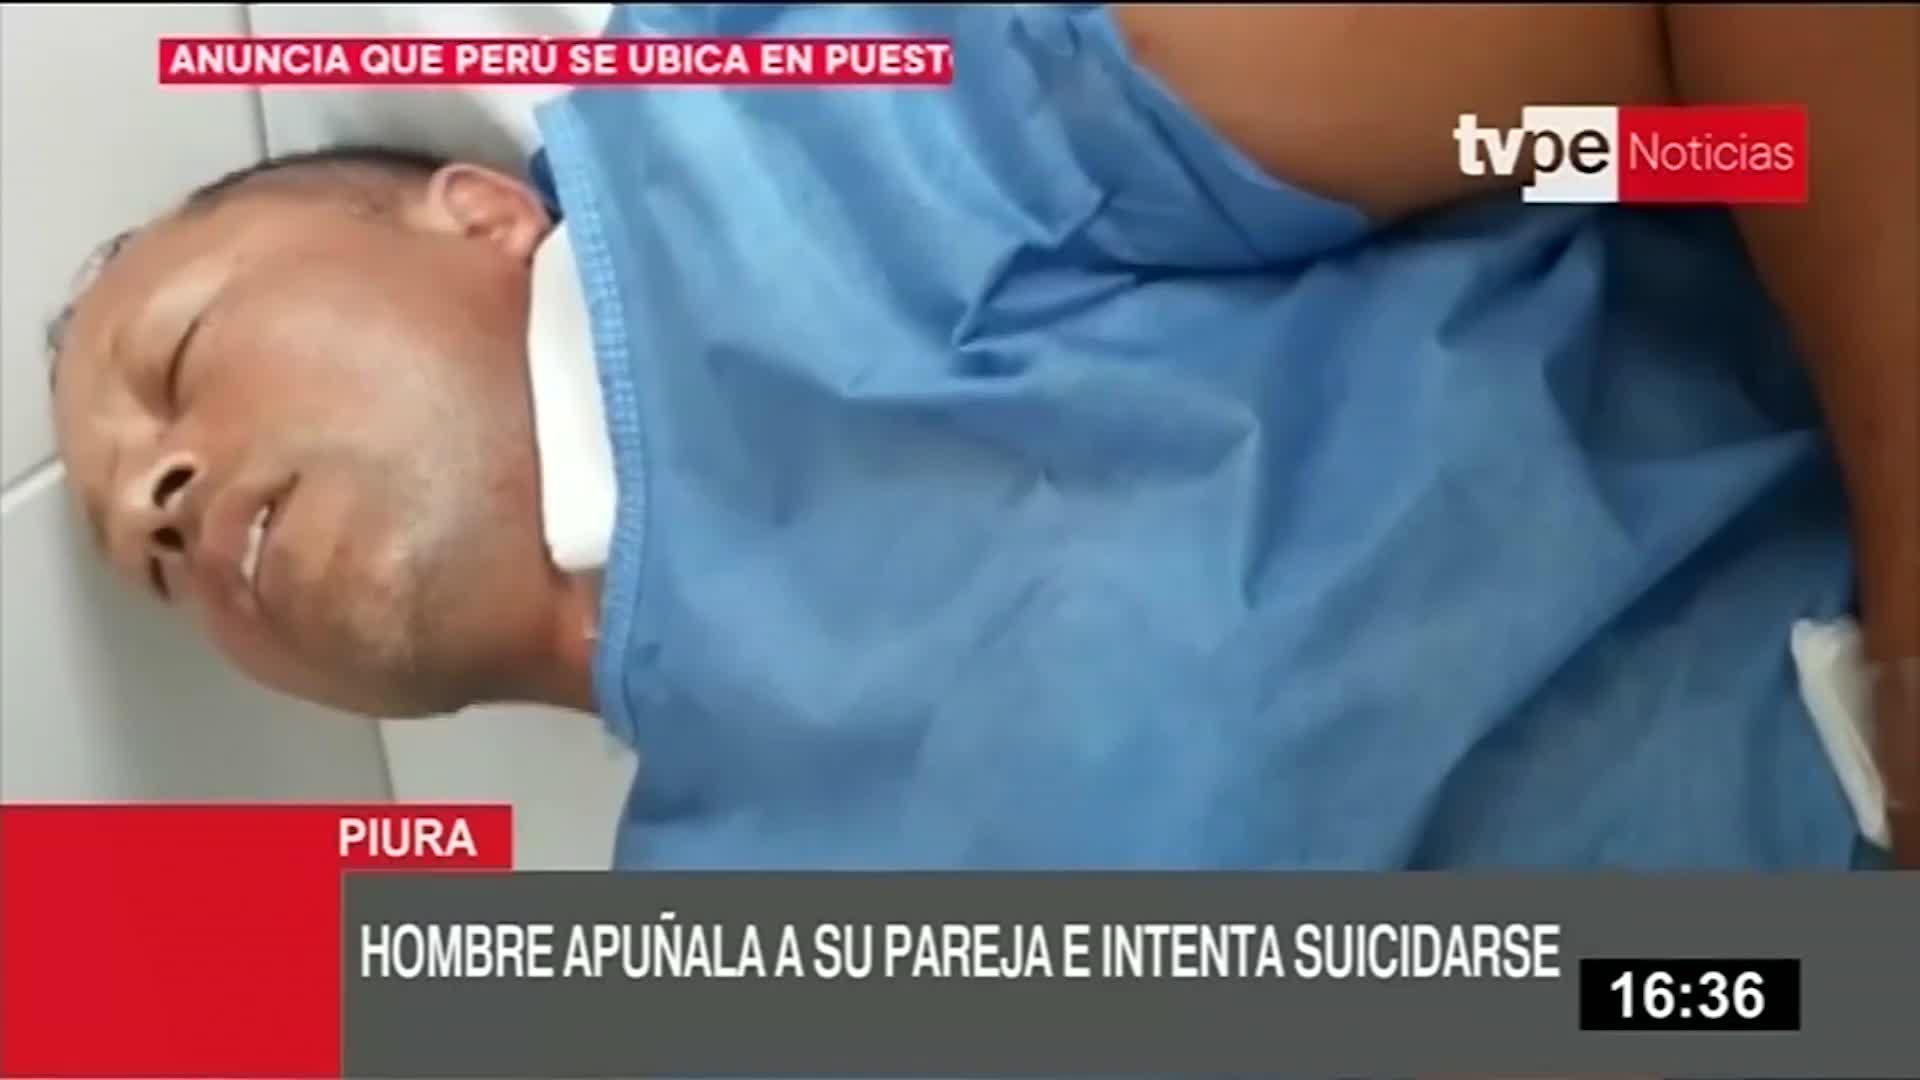 Hombre intenta suicidarse luego de apuñalar a su pareja